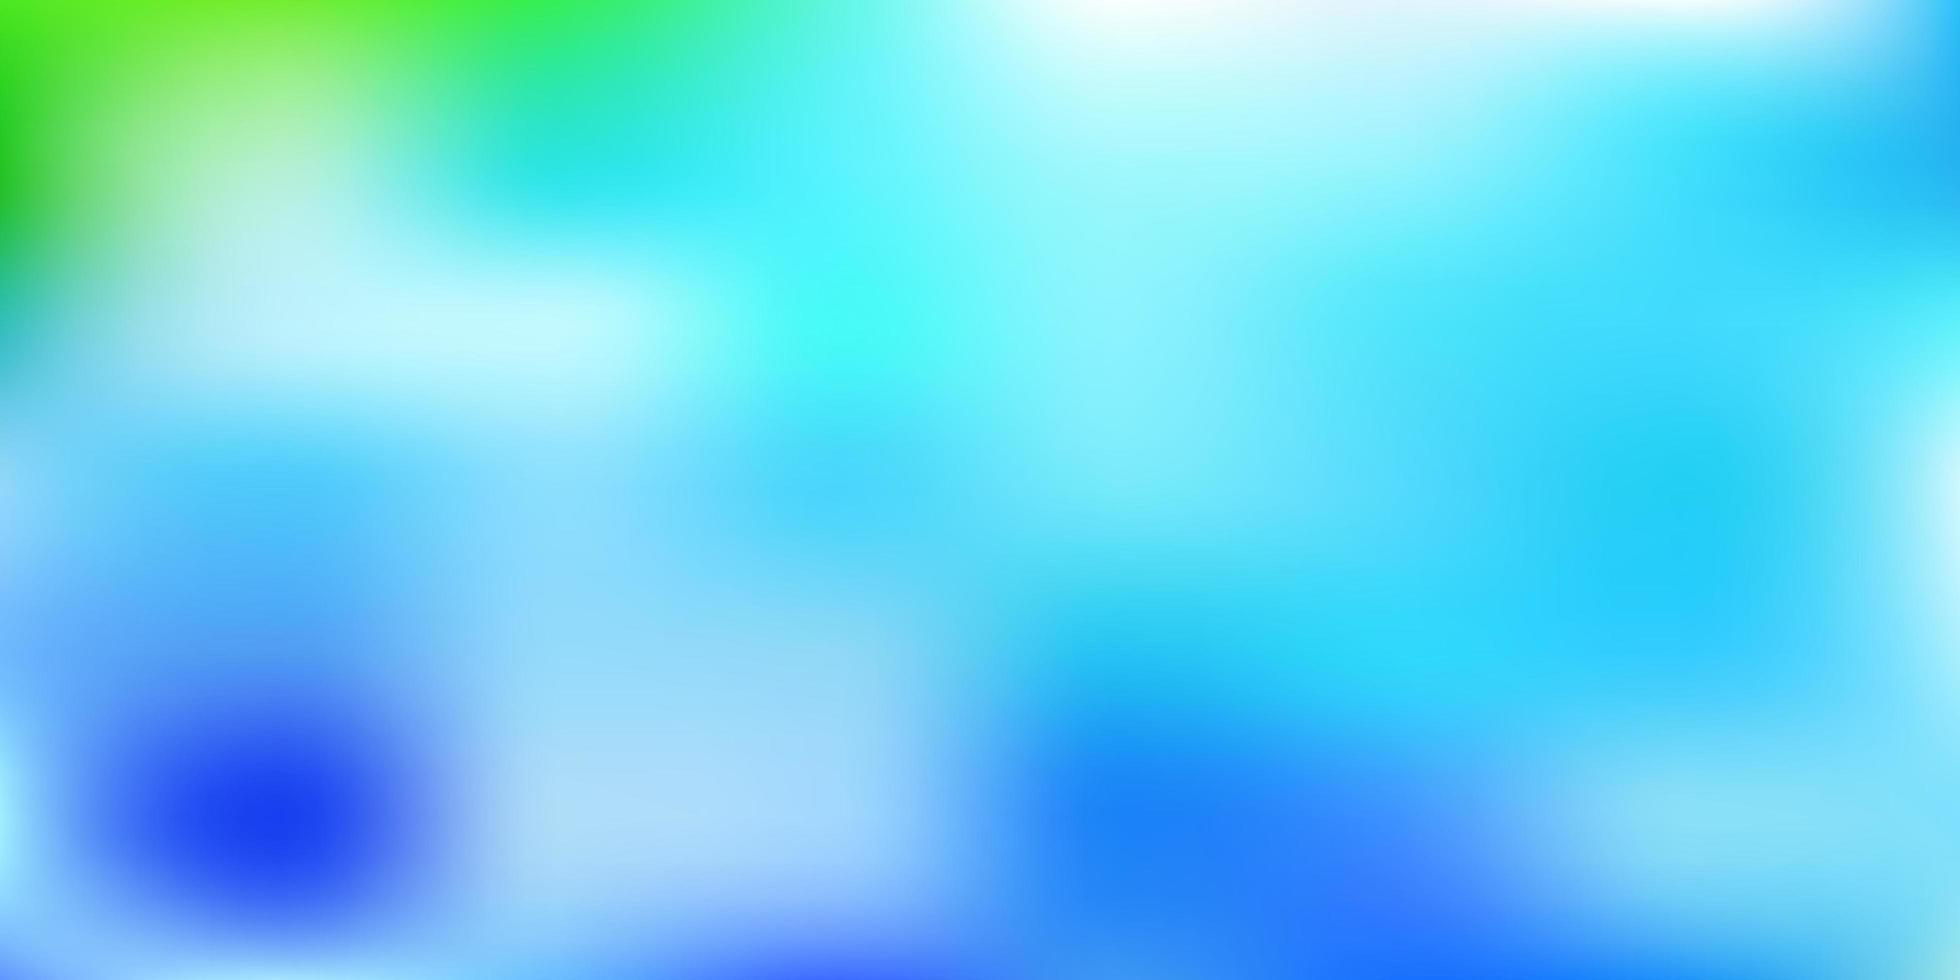 ljusblå, grön vektor oskärpa mall.